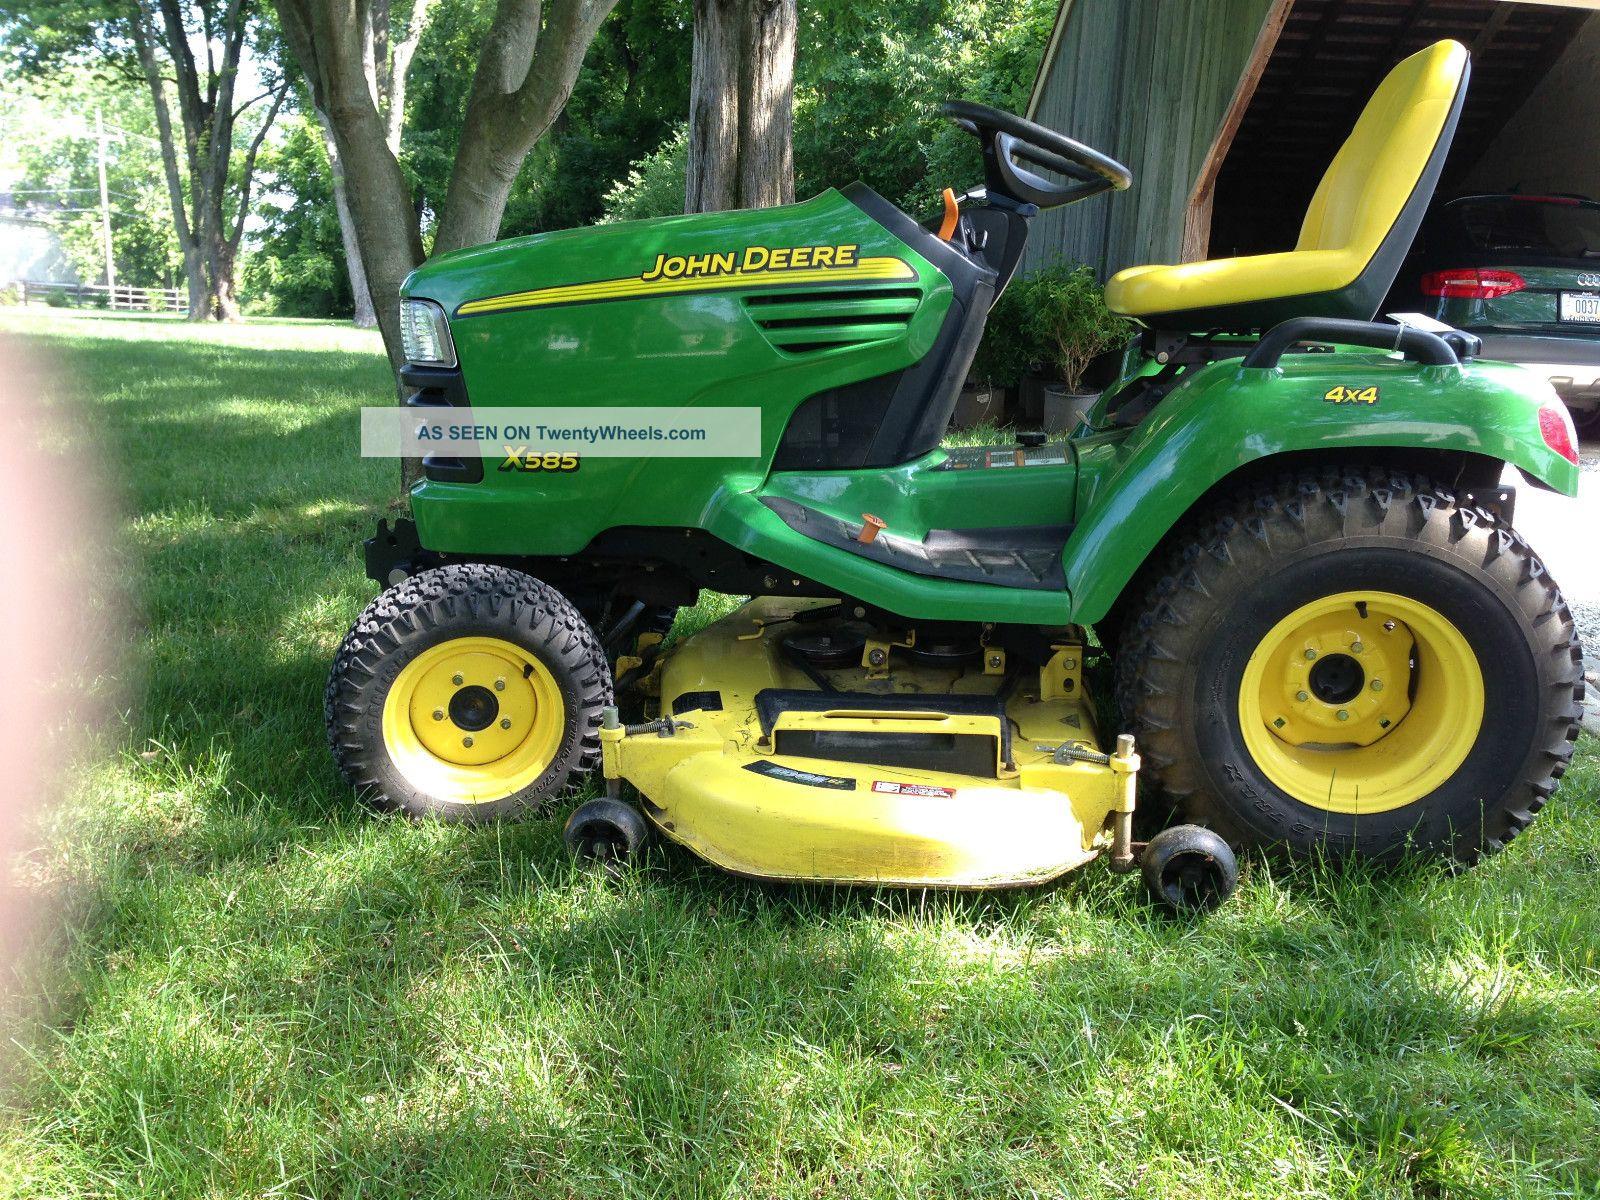 John Deere Garden Tractors 4x4 : John deere garden tractor quot deck kawasaki